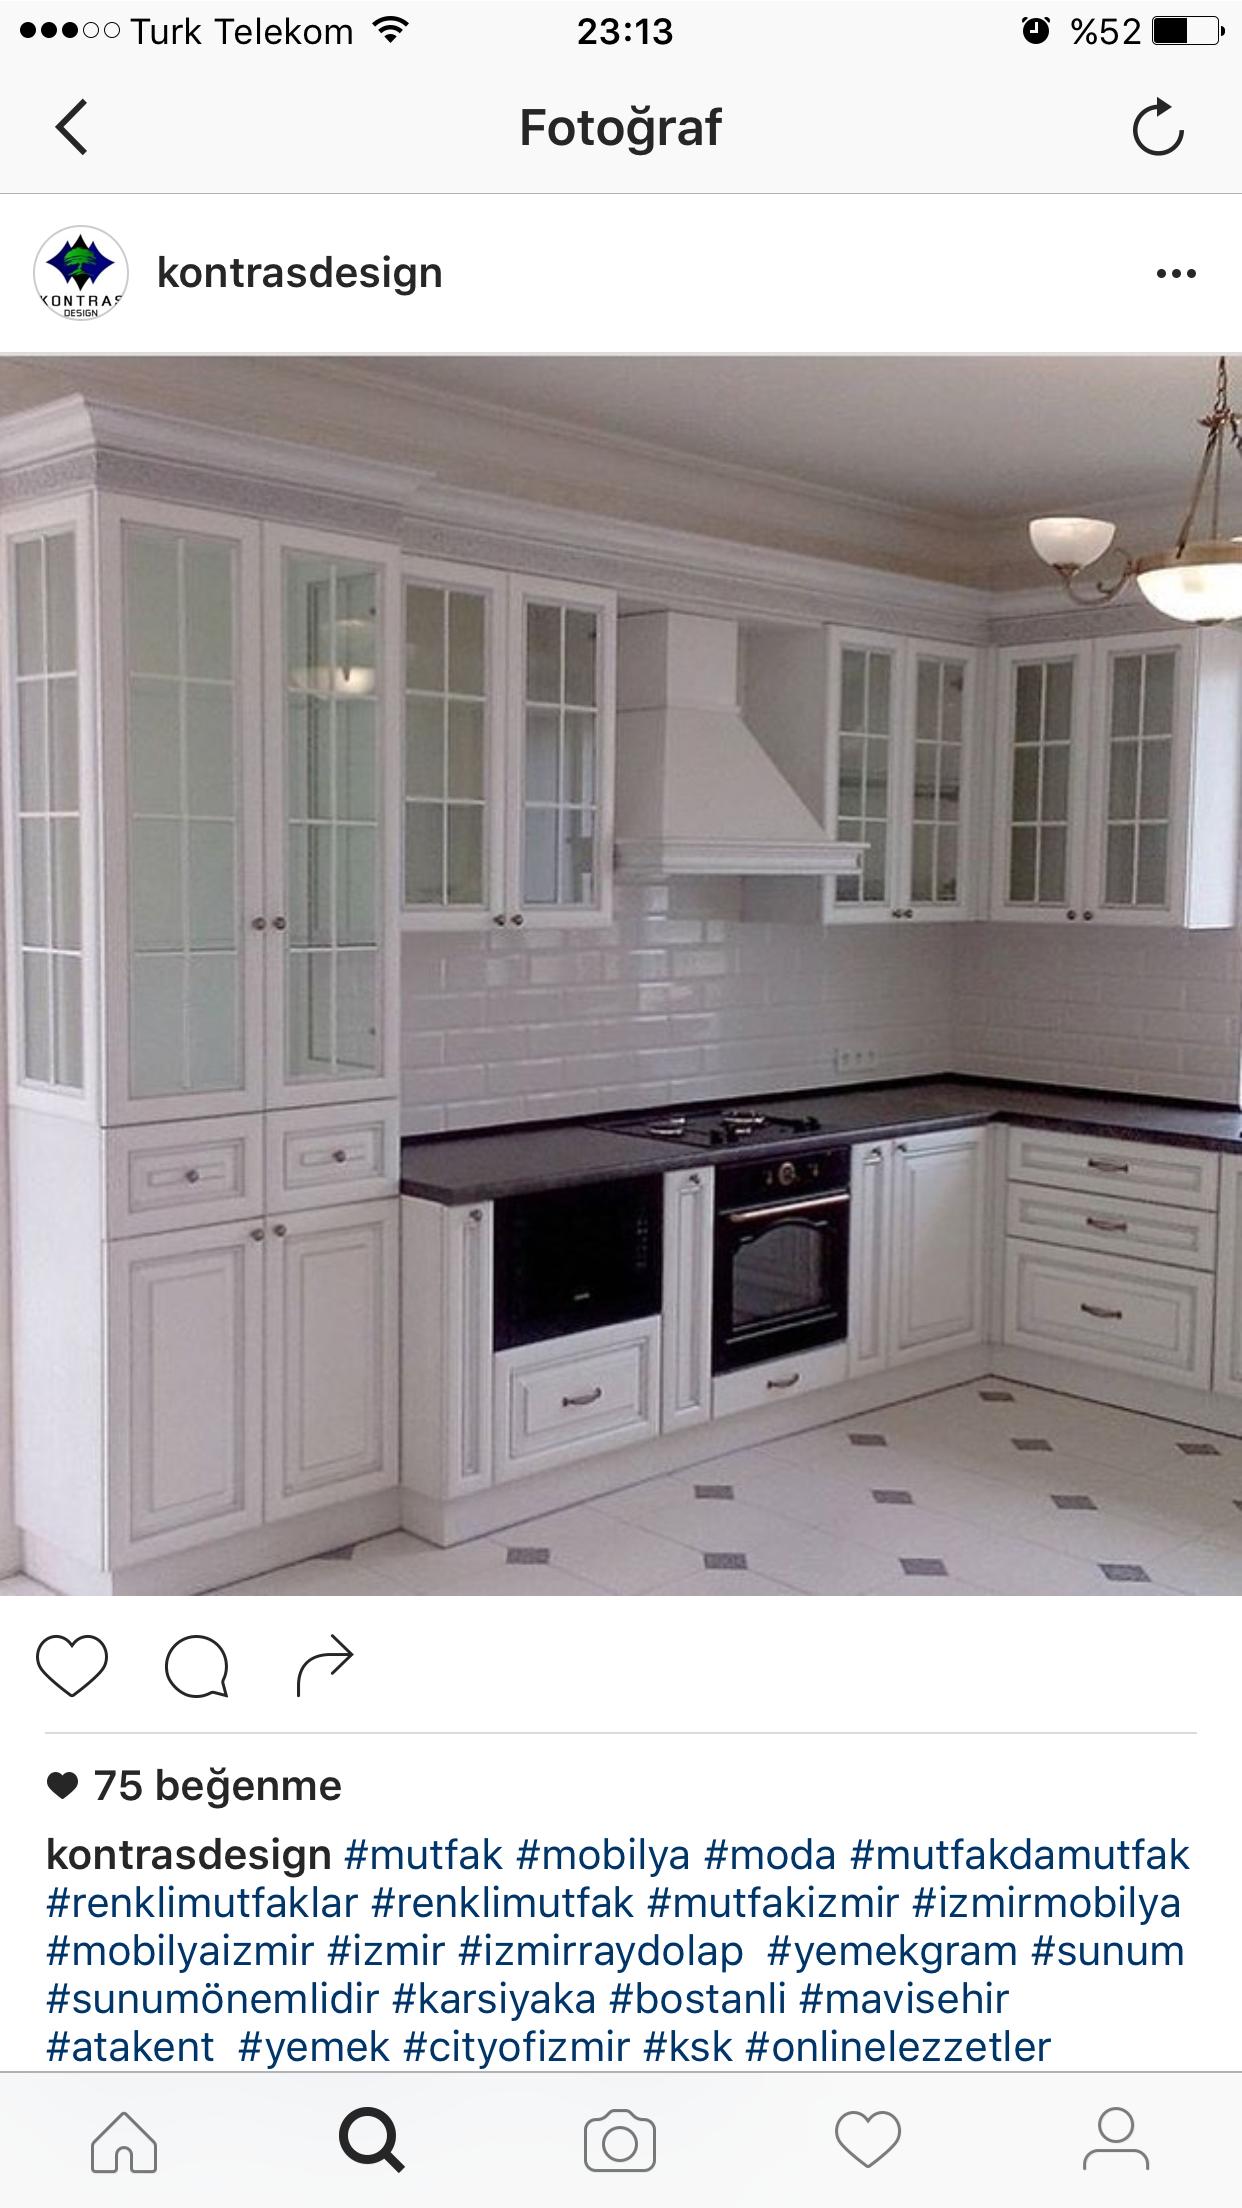 Mutfakların iç mekanları. Öz-tasarım için birkaç ipucu 39